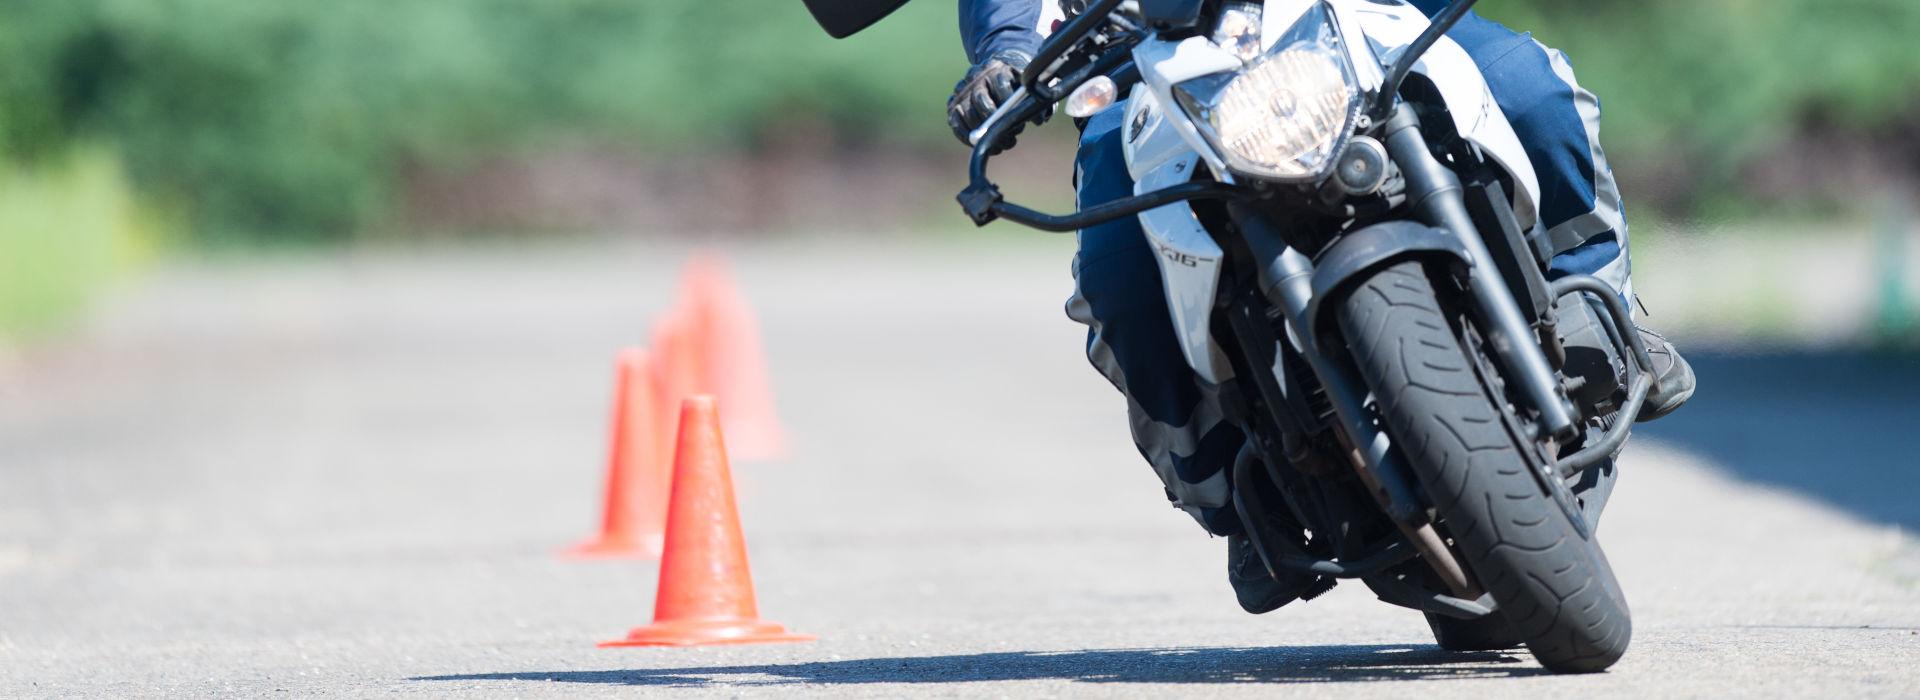 Motorrijbewijspoint Alkmaar motor rijvaardigheid